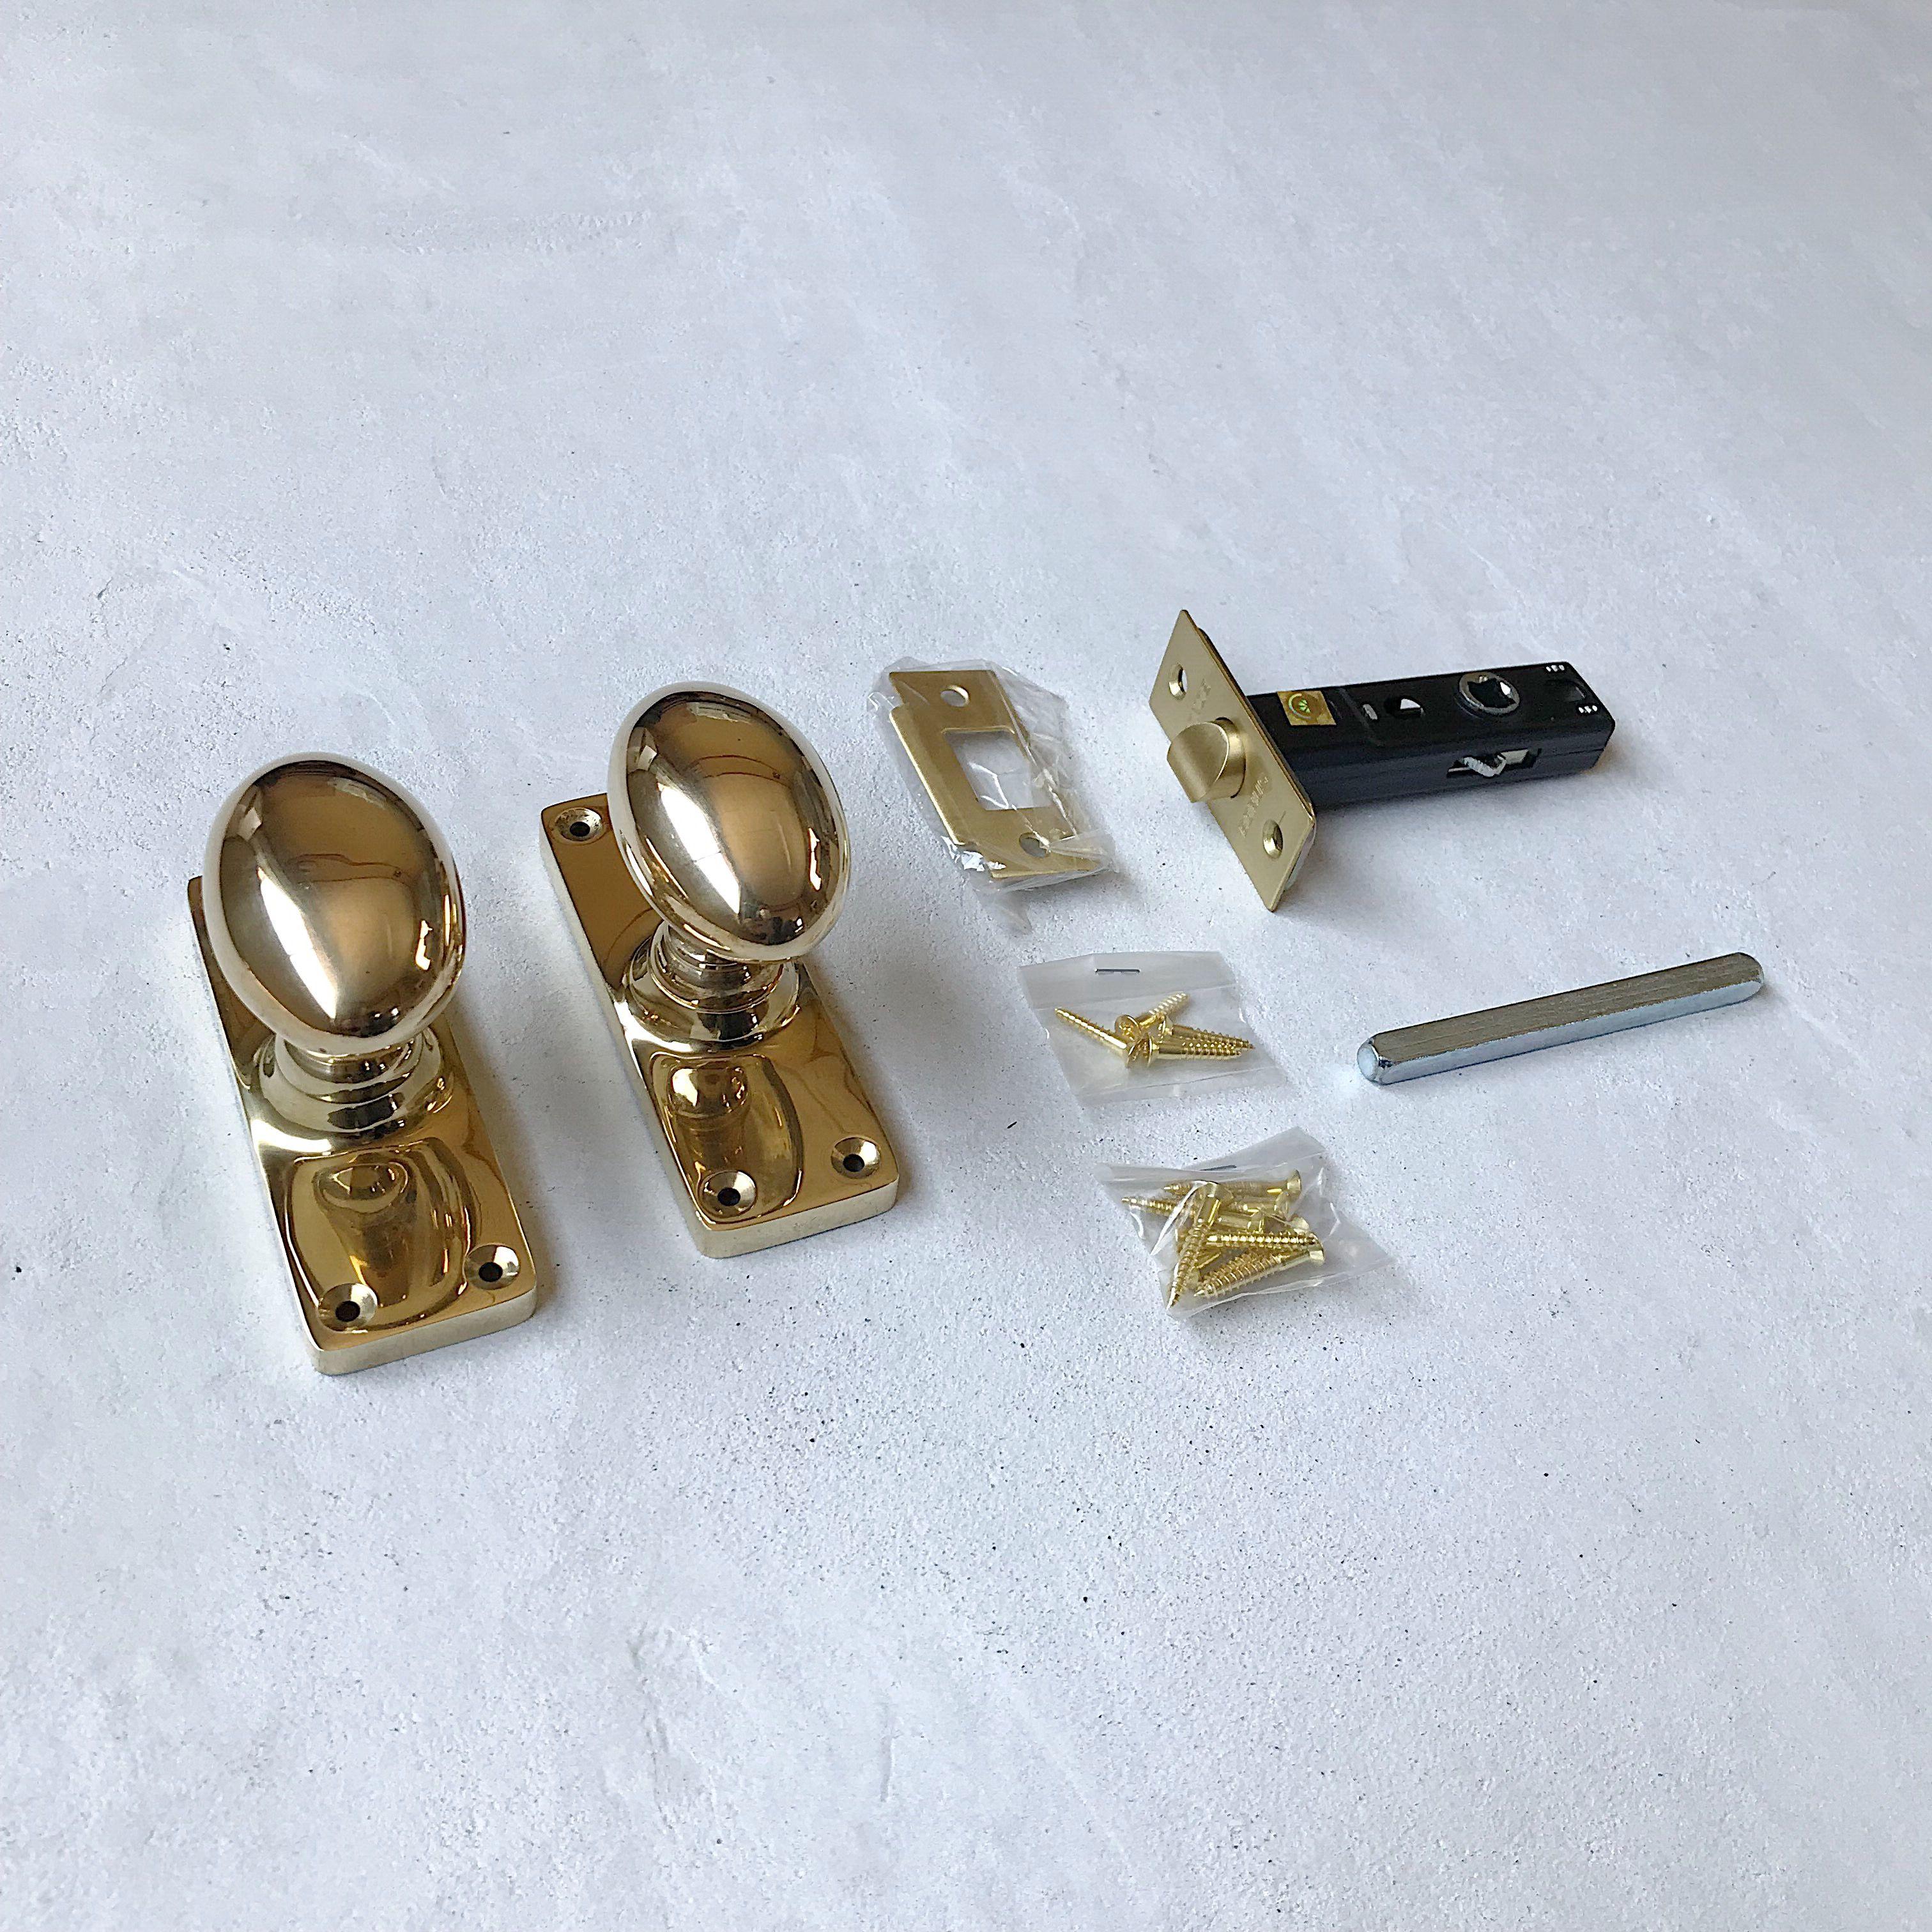 イギリス製のレクタングル表示錠 無駄のないスッキリとしたデザイン